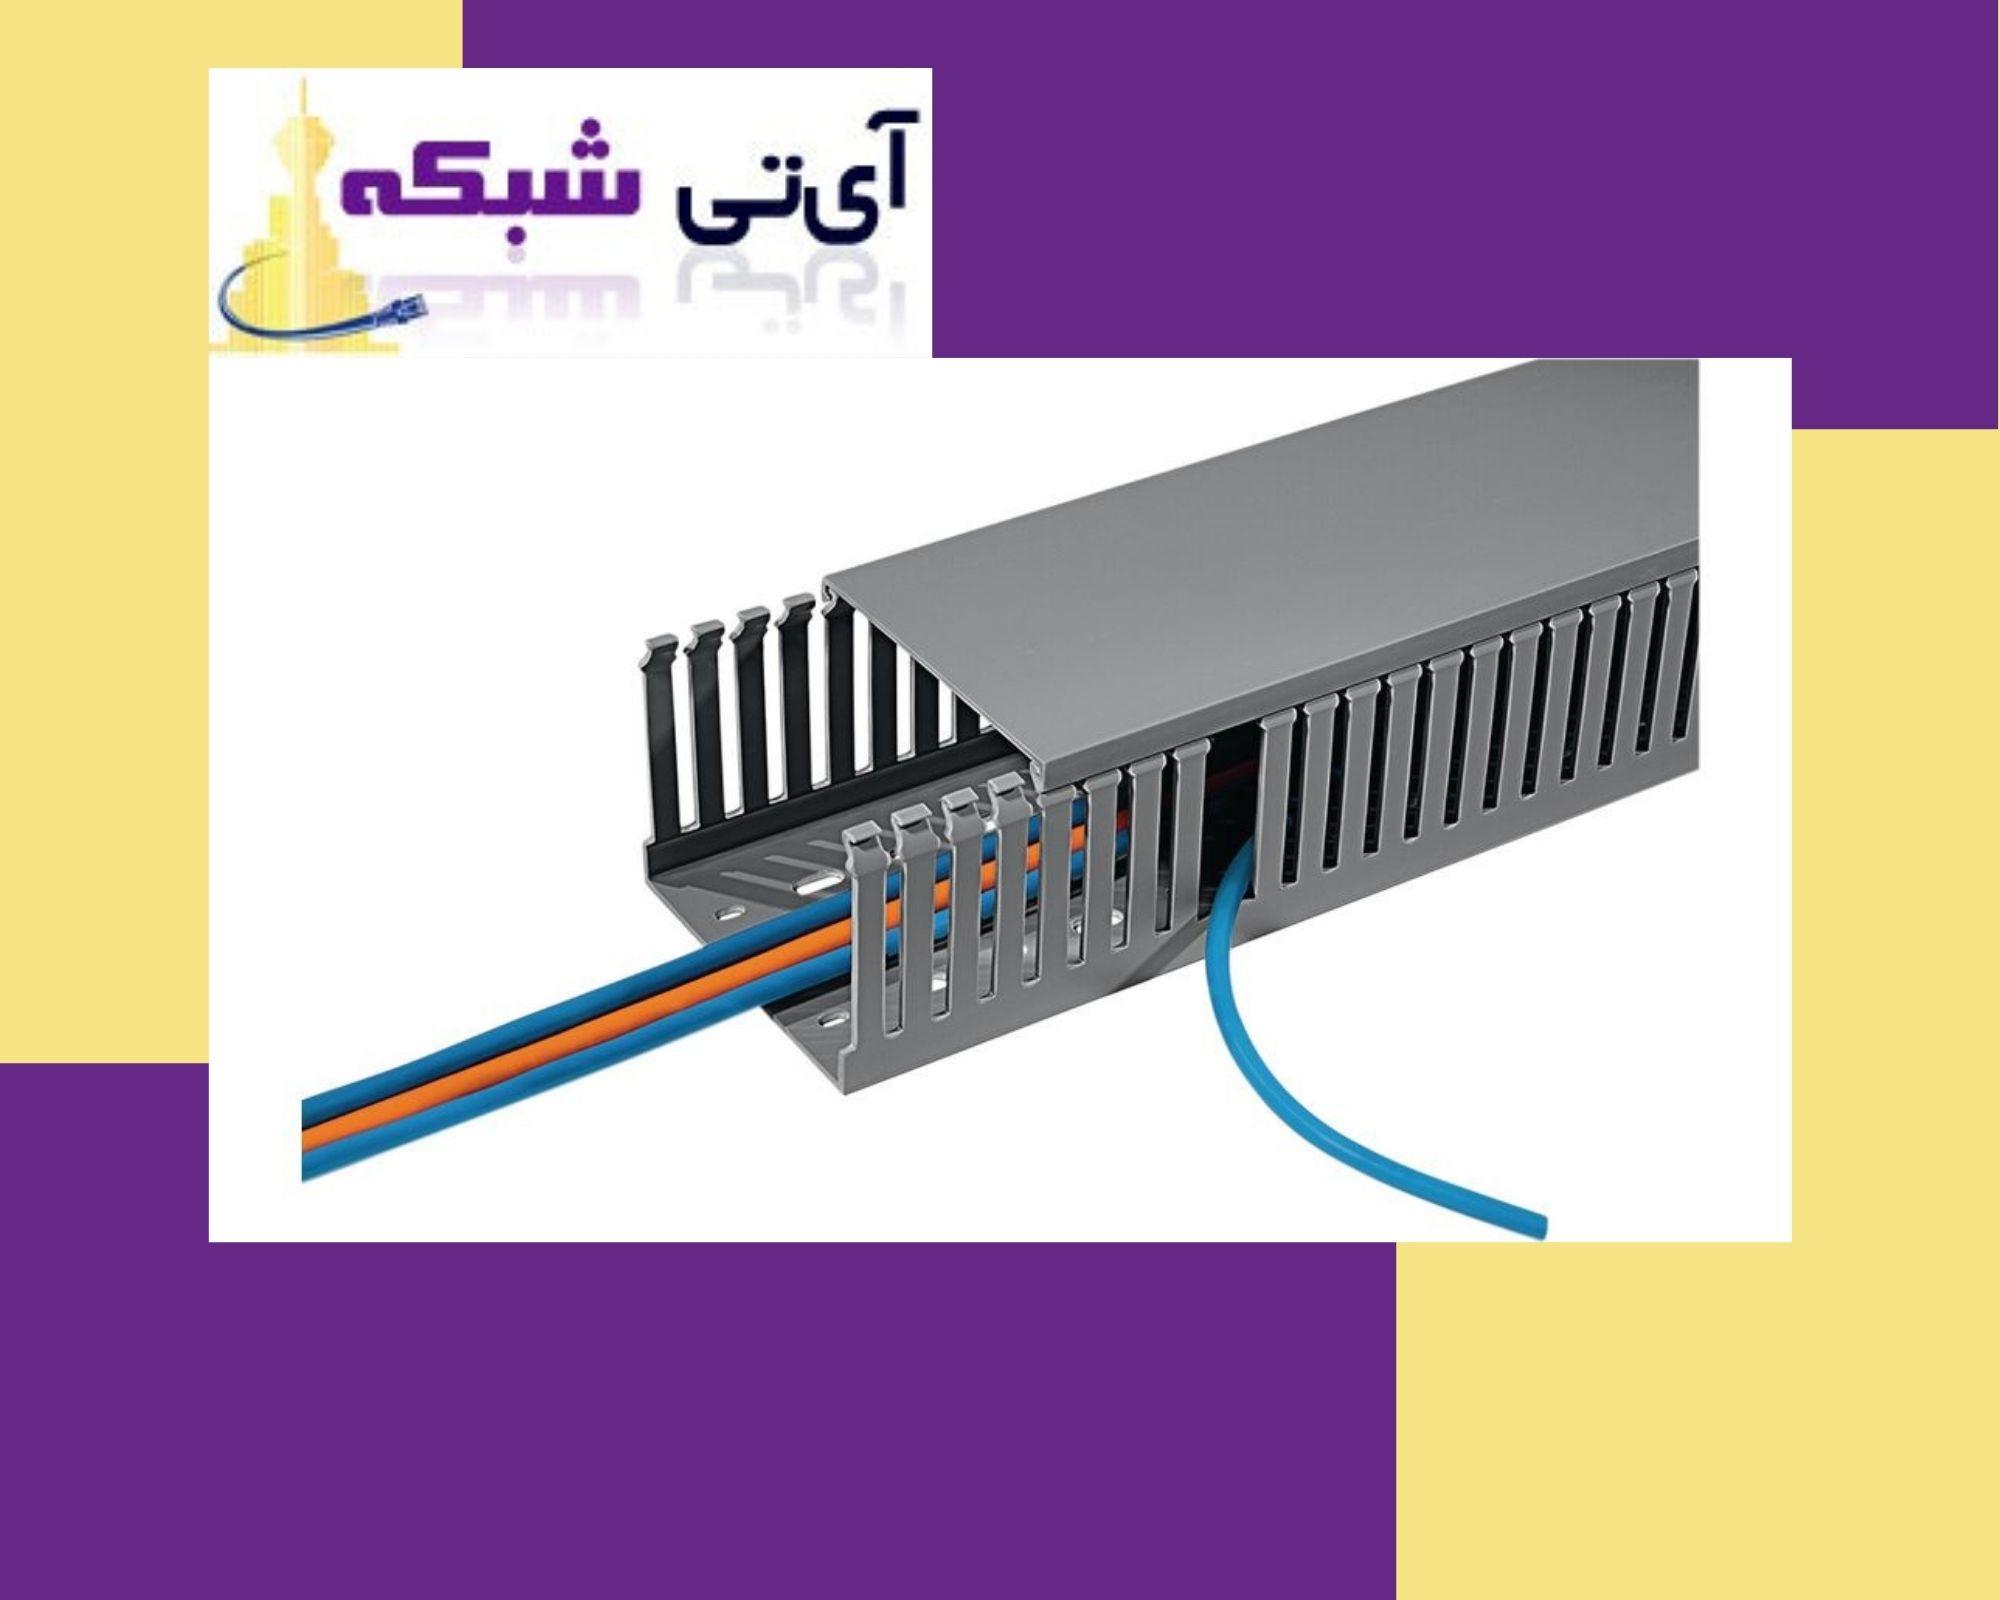 داکت - برق - ای - تی- شبکه